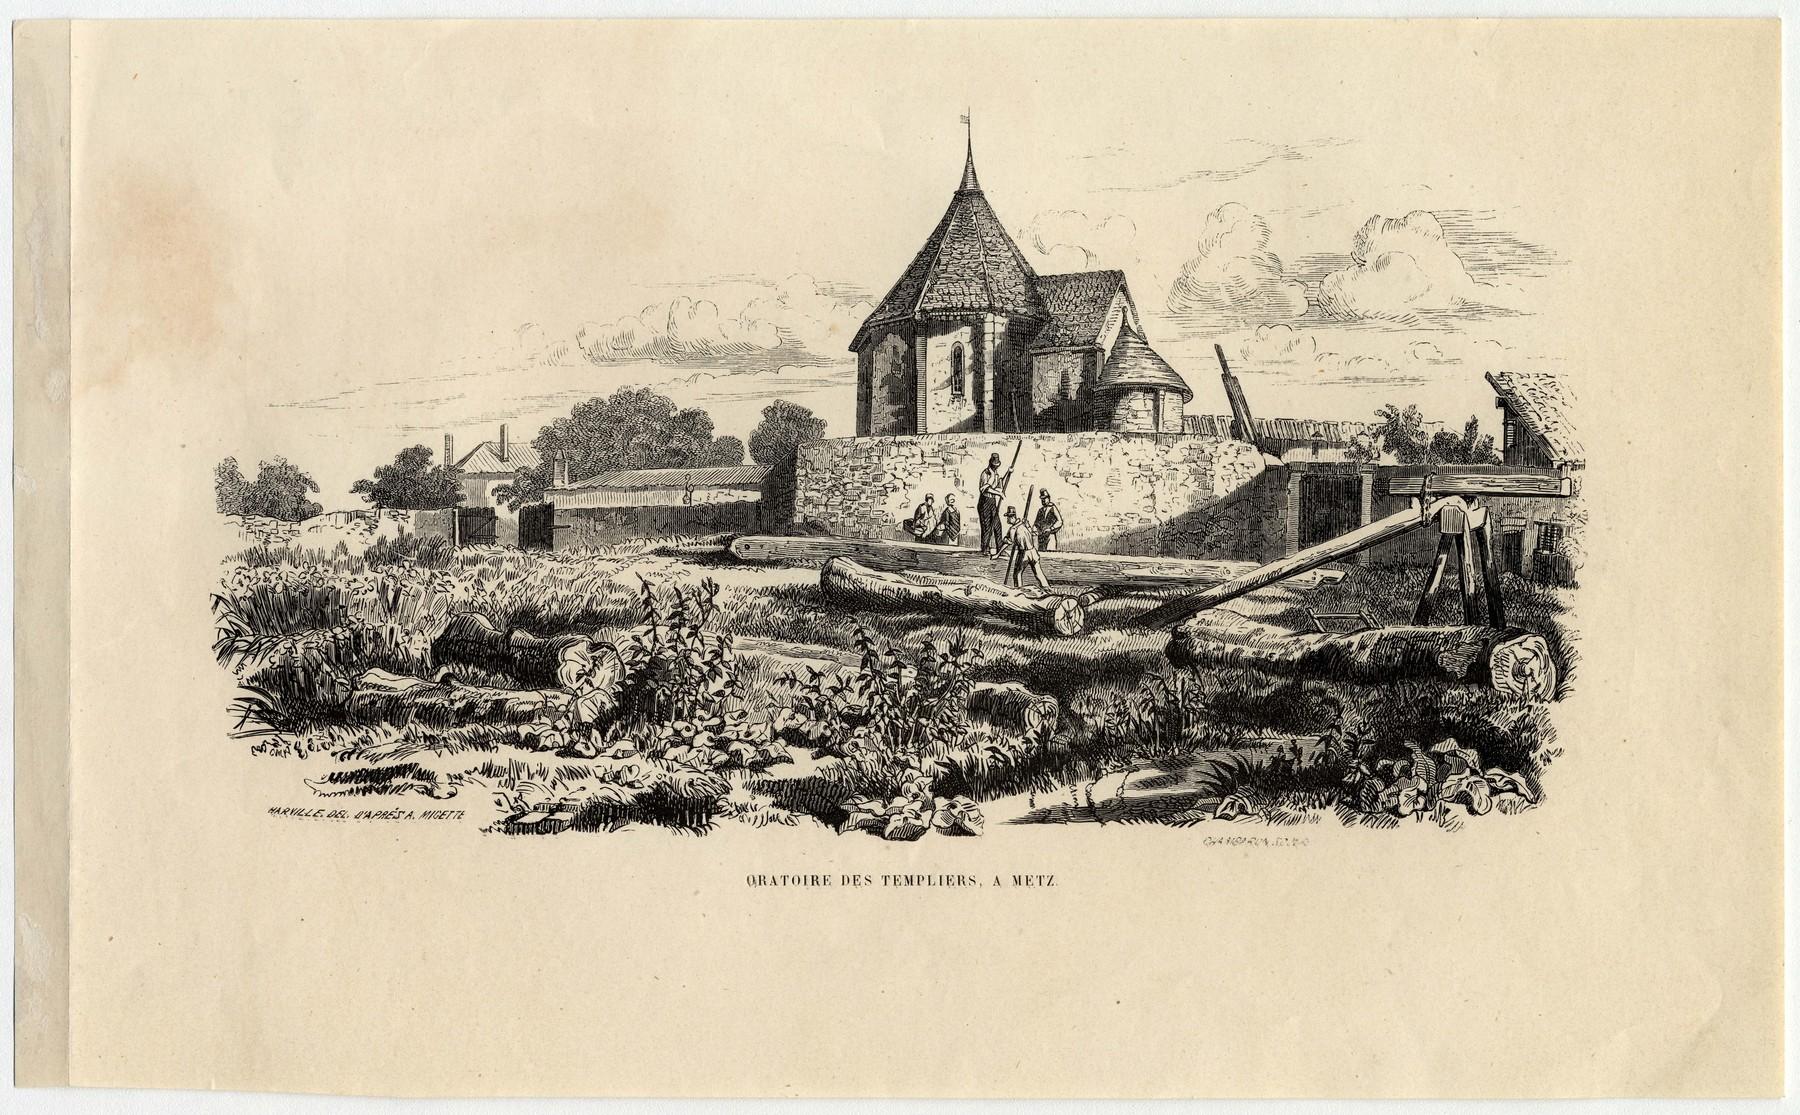 Contenu du Oratoire des templiers, à Metz